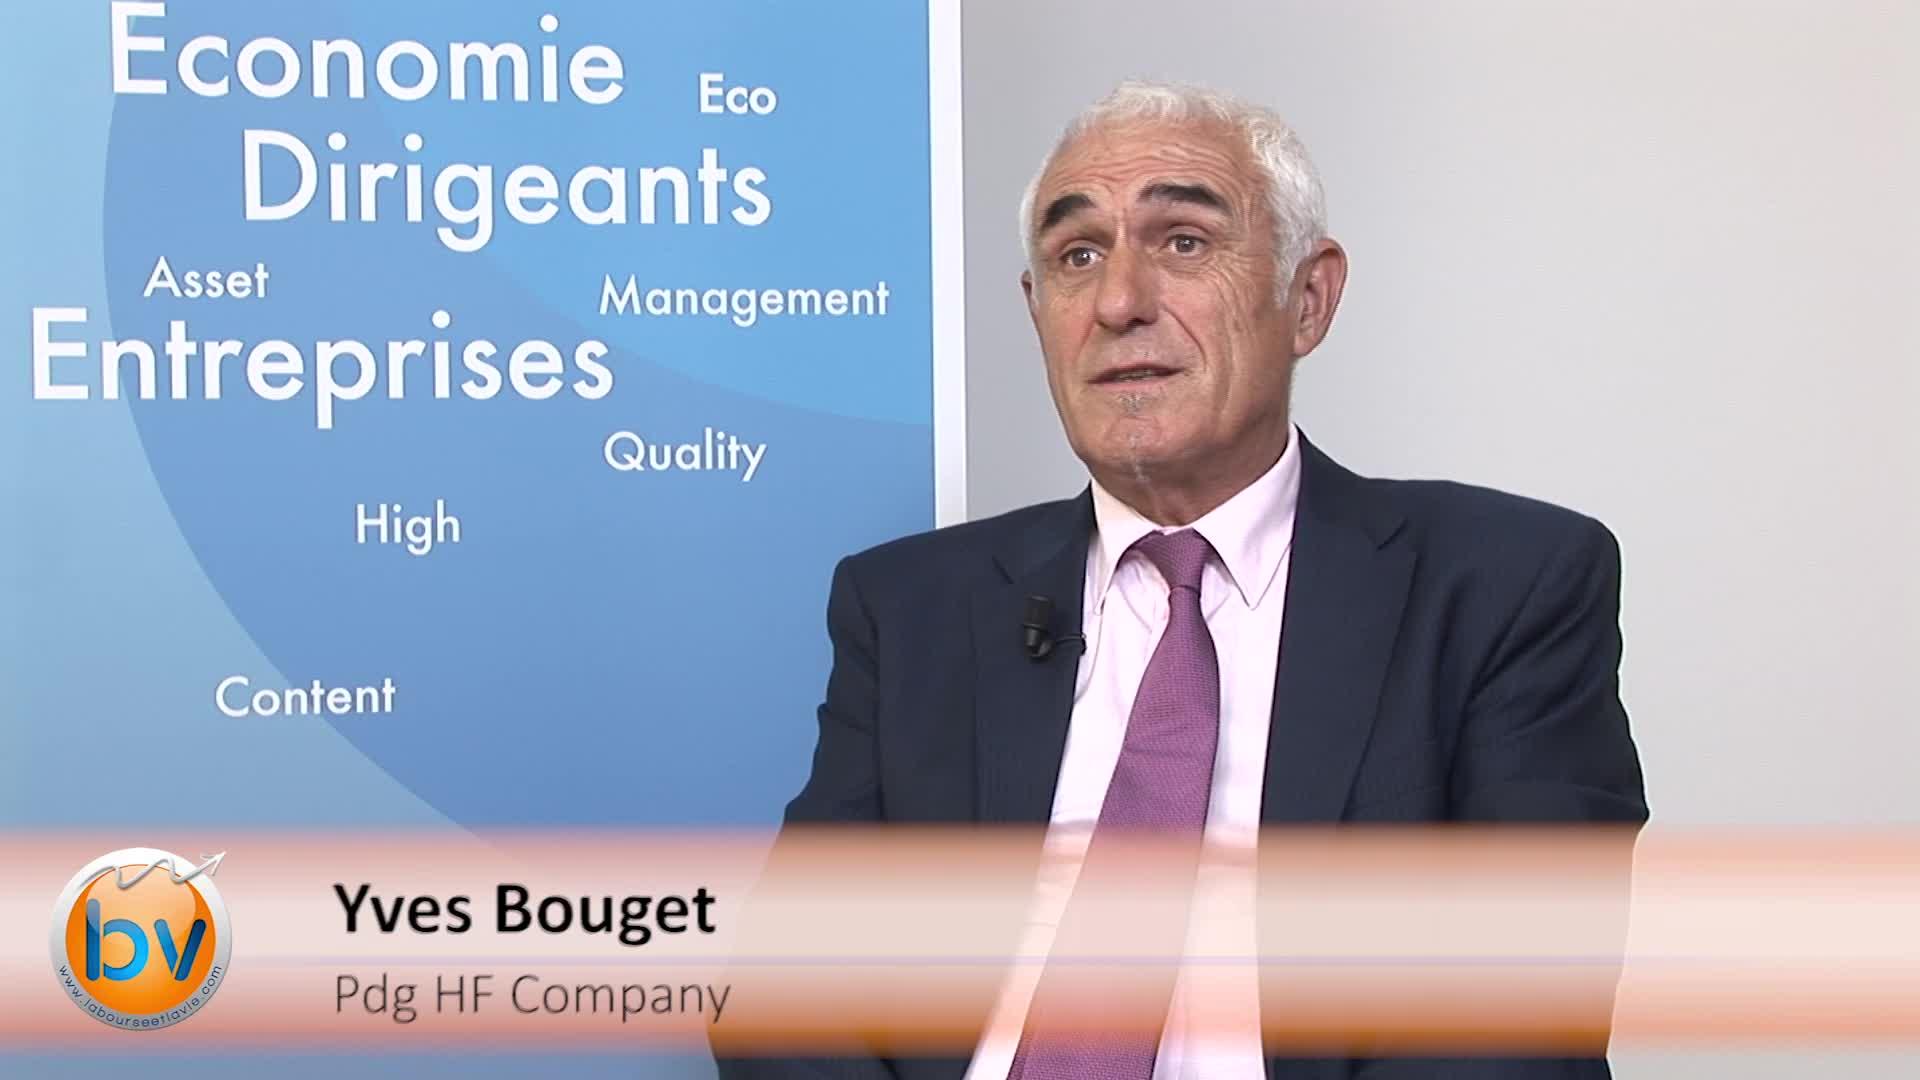 Yves Bouget Pdg HF Company : «Des briques technologiques peuvent nous intéresser sur le marché américain»